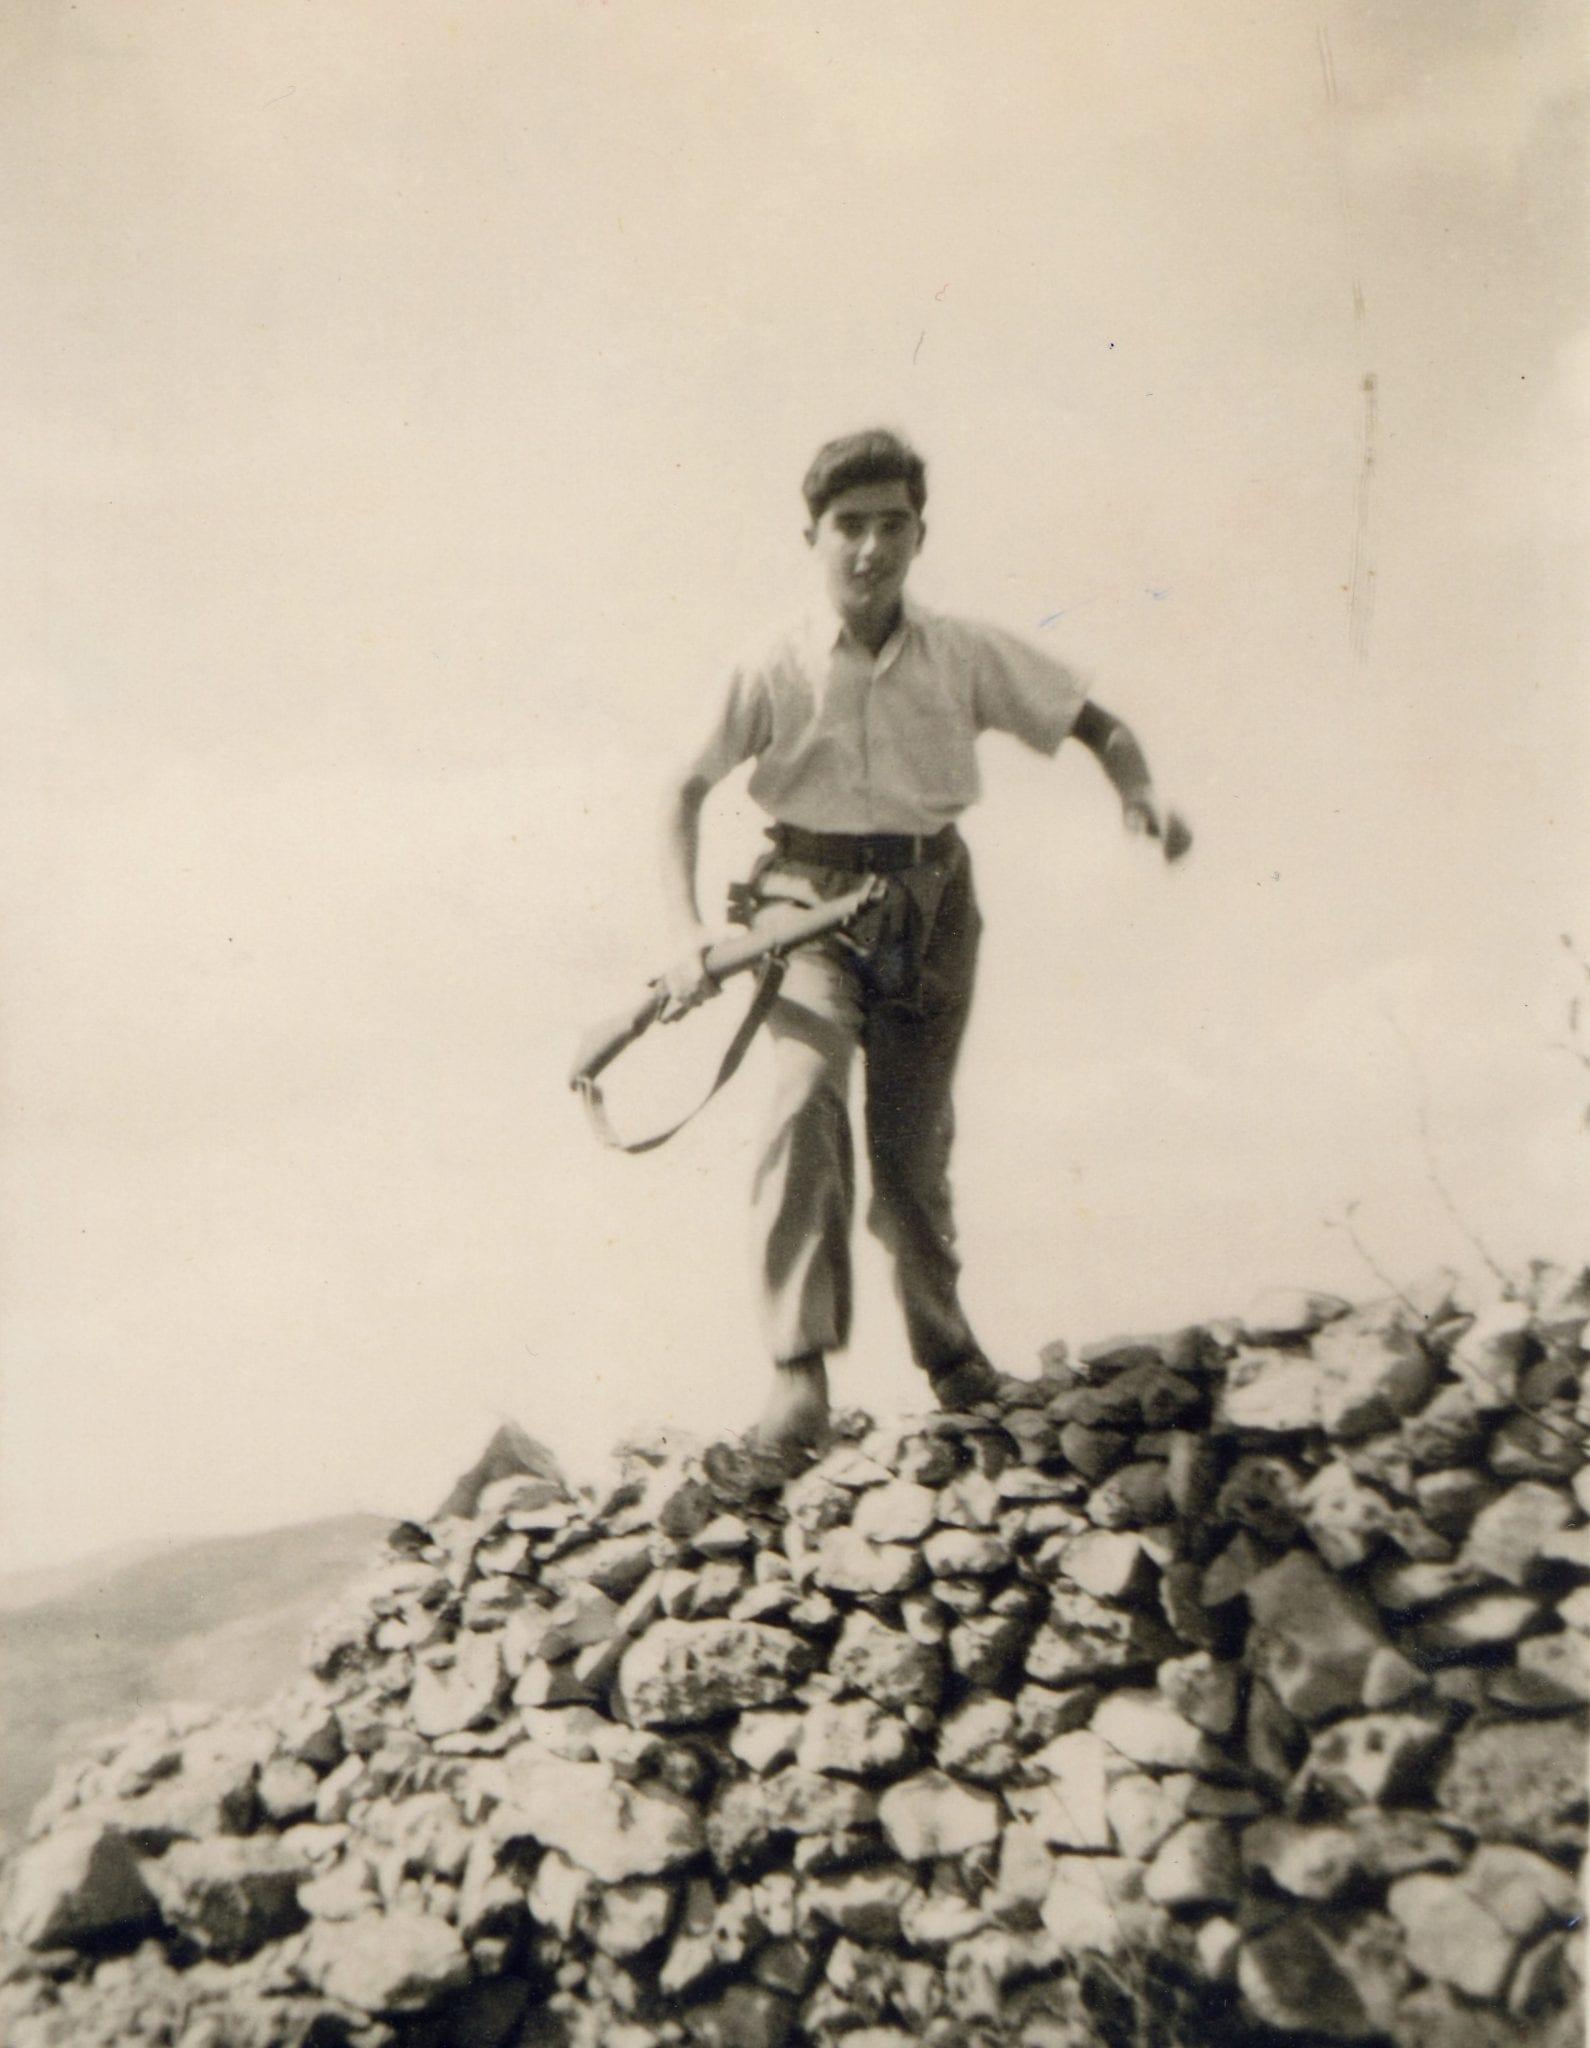 יוסף שינדלר במחנה אלדד, יולי 1948